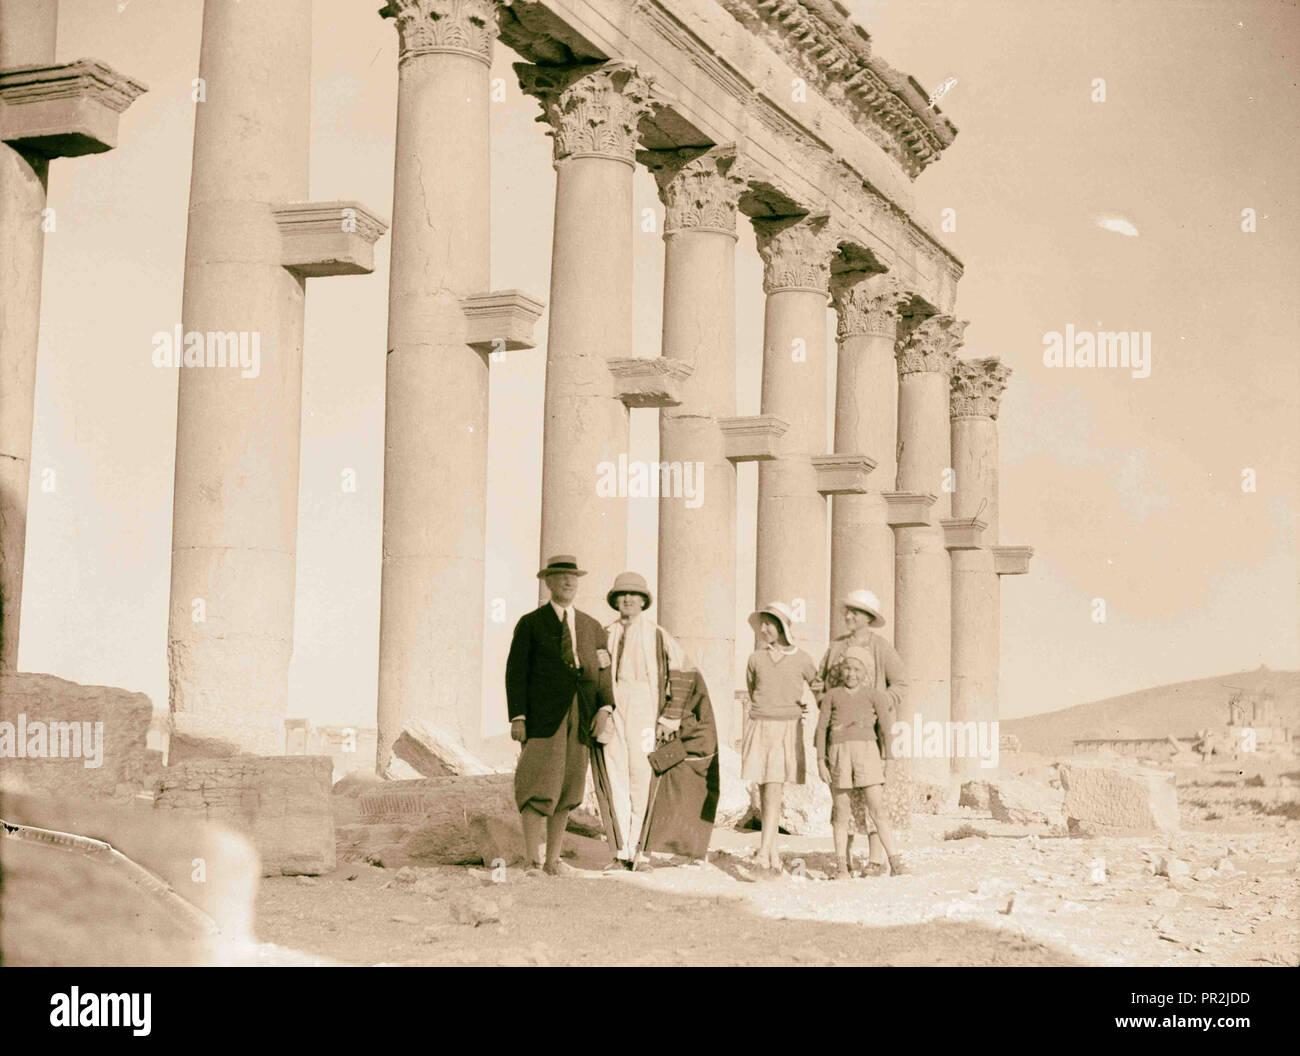 Palmyra. La sección de la columnata que muestra los soportes de columna peculiar de Palmyra. 1920, de Siria, de Tadmur Imagen De Stock